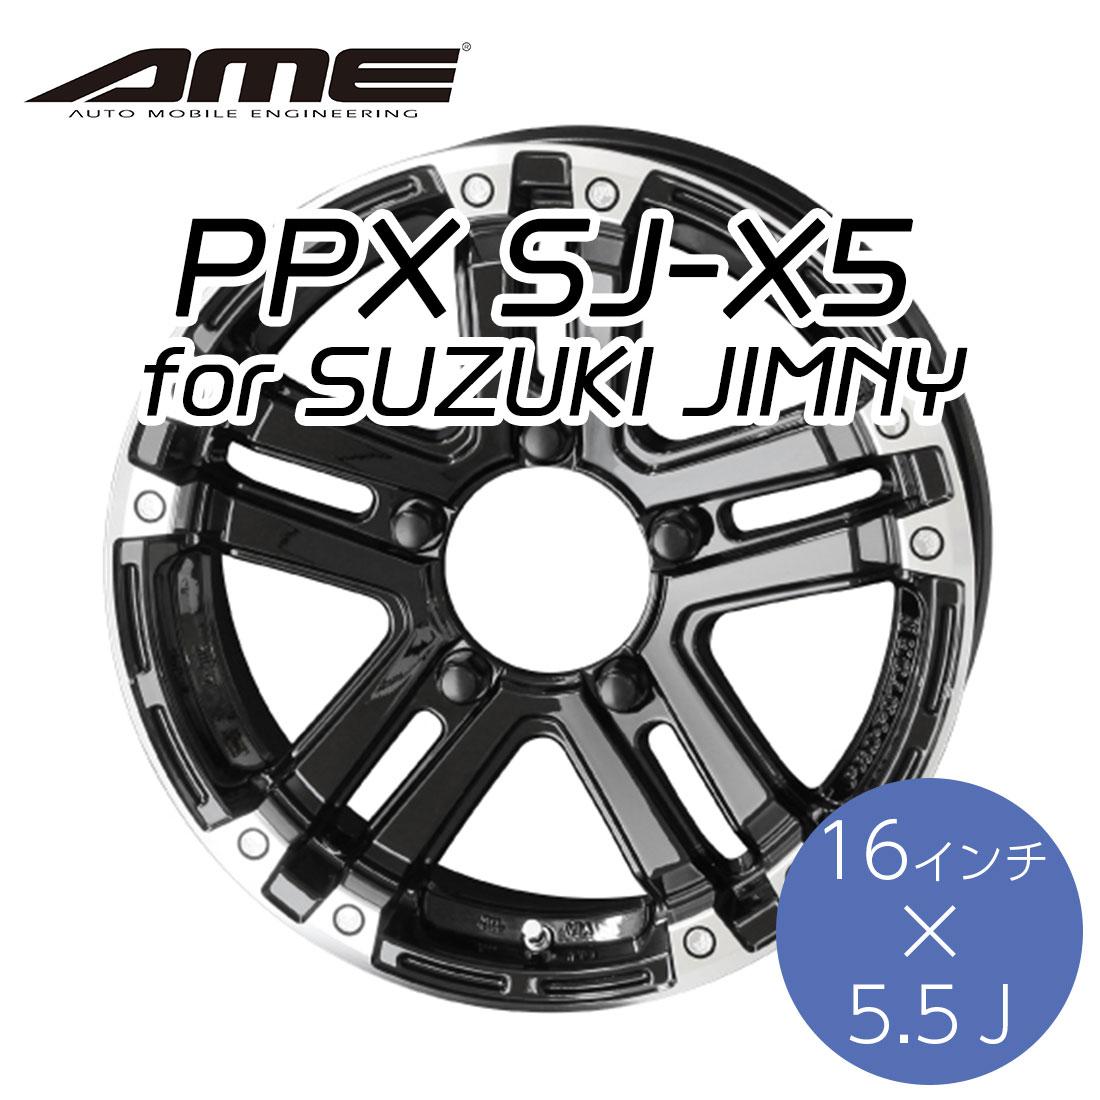 KYOHO ホイール PPX SJ-X5 for SUZUKI JIMNY 16×5.5J インチ 5H PCD 139 スズキ by AME 共豊 グロスブラック×エンドポリッシュ かっこいい 車